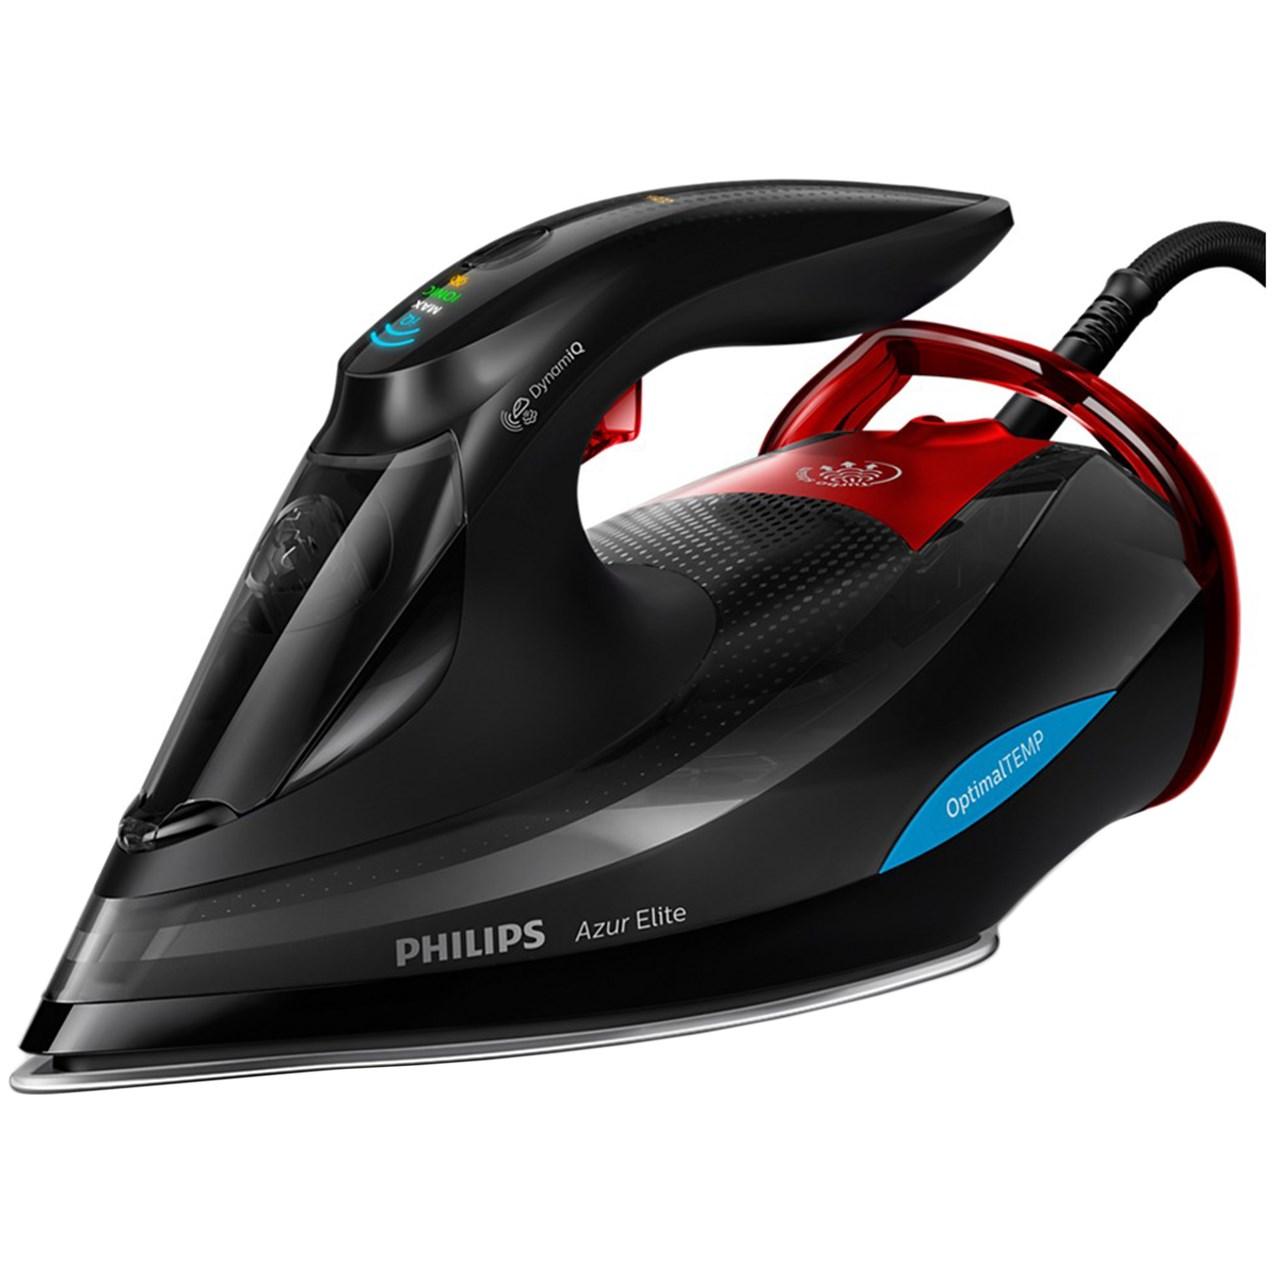 فروش اقساطی اتو بخار فیلیپس مدل GC5037